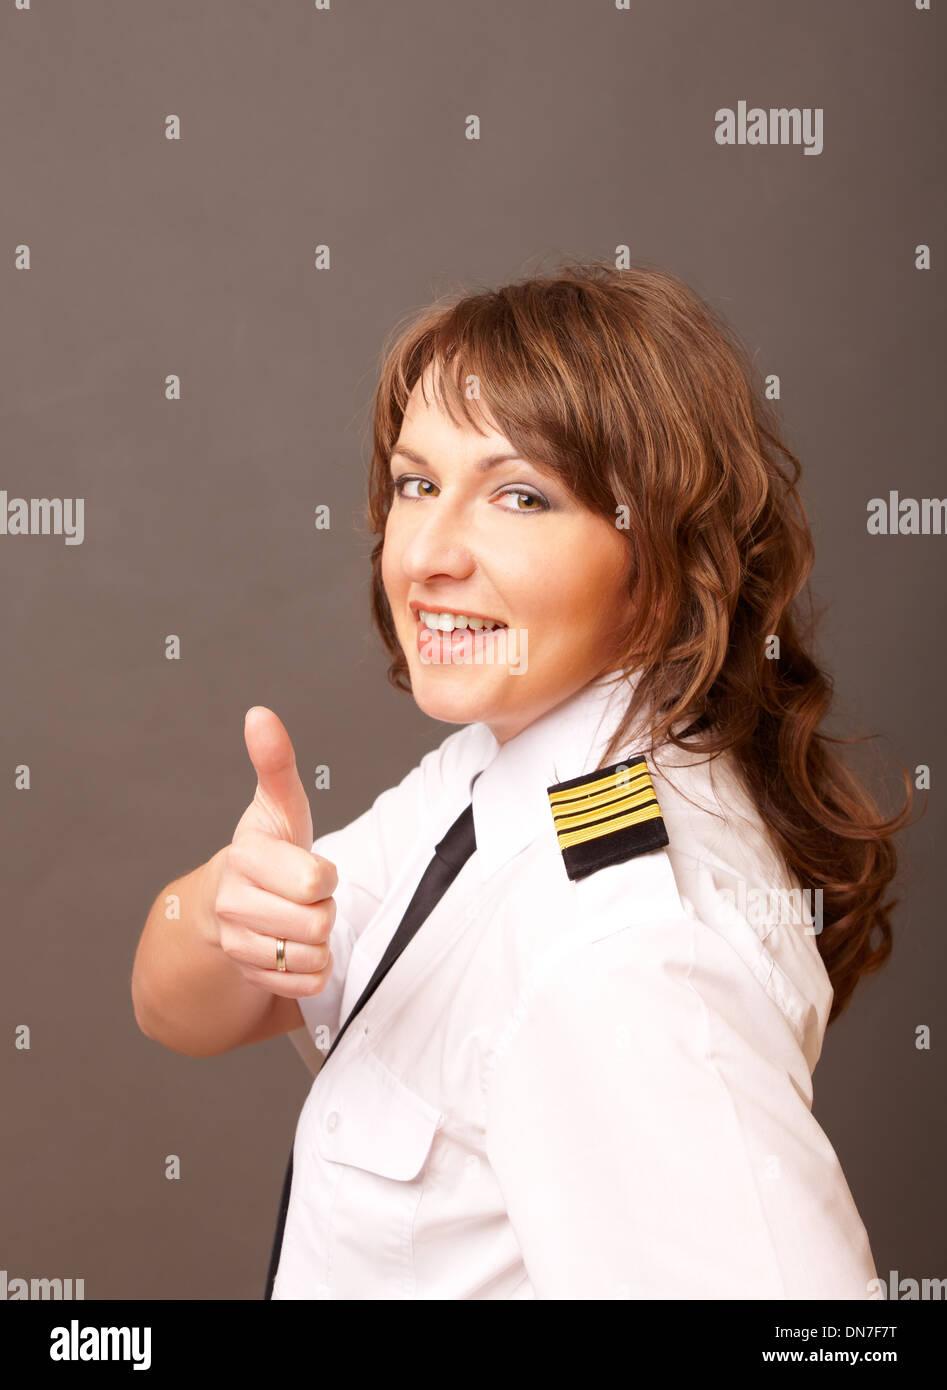 Hermosa piloto de línea aérea en uniforme con epauletes mostrando pulgar arriba gesto de aprobación Imagen De Stock